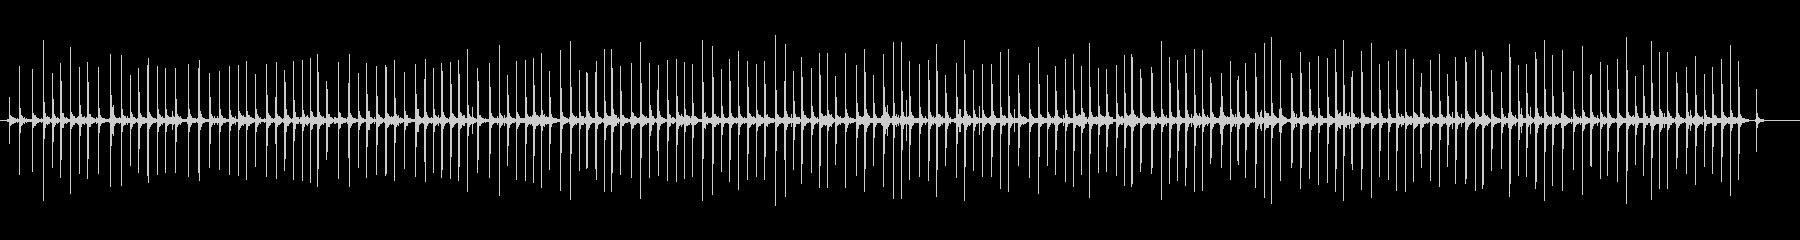 釣りリール-ロングの未再生の波形